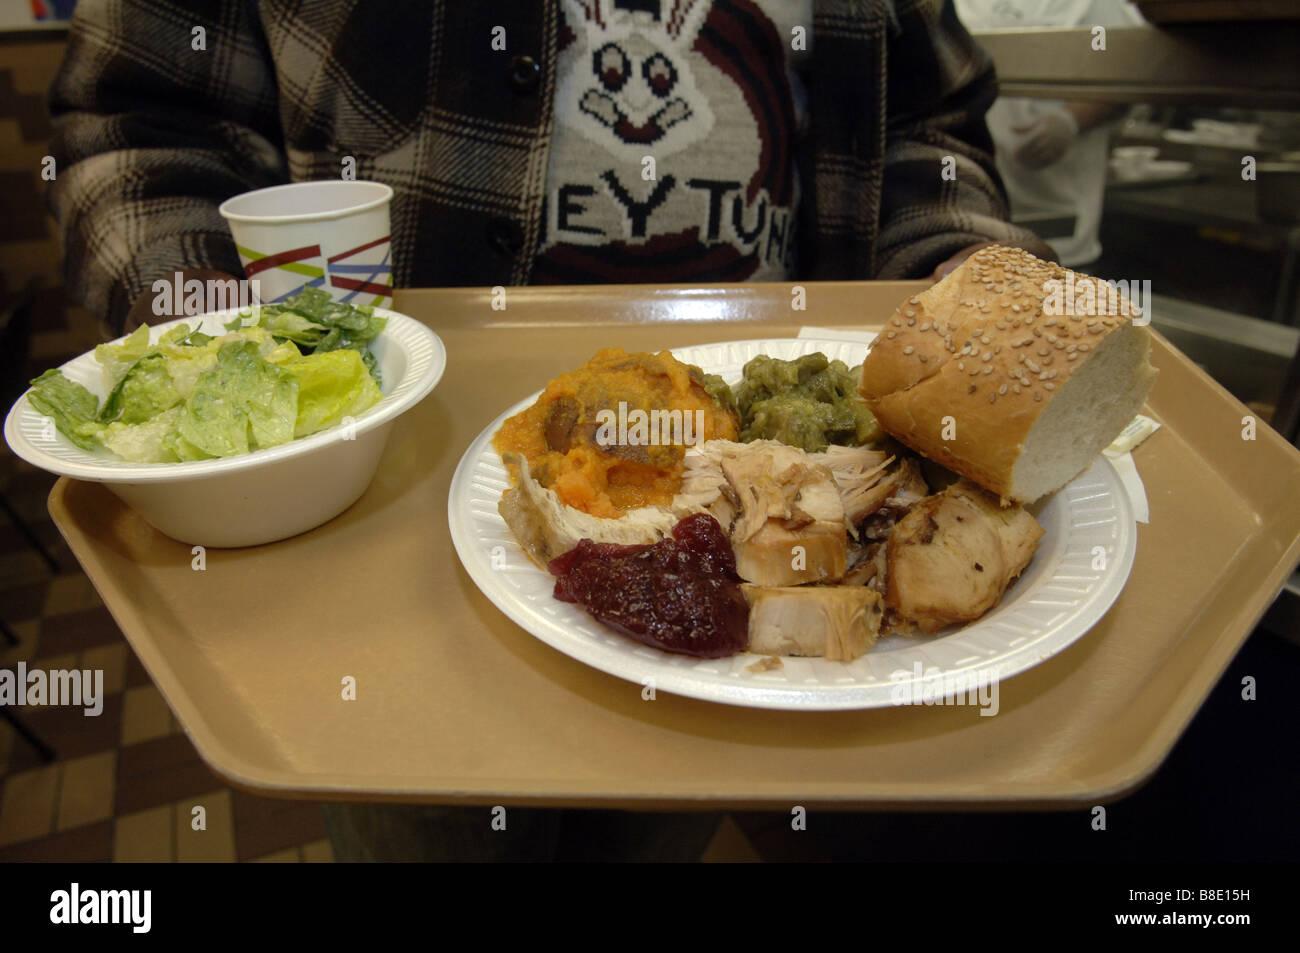 Kunden bei der Food Bank of NYC s Suppenküche im Stadtteil Harlem in ...